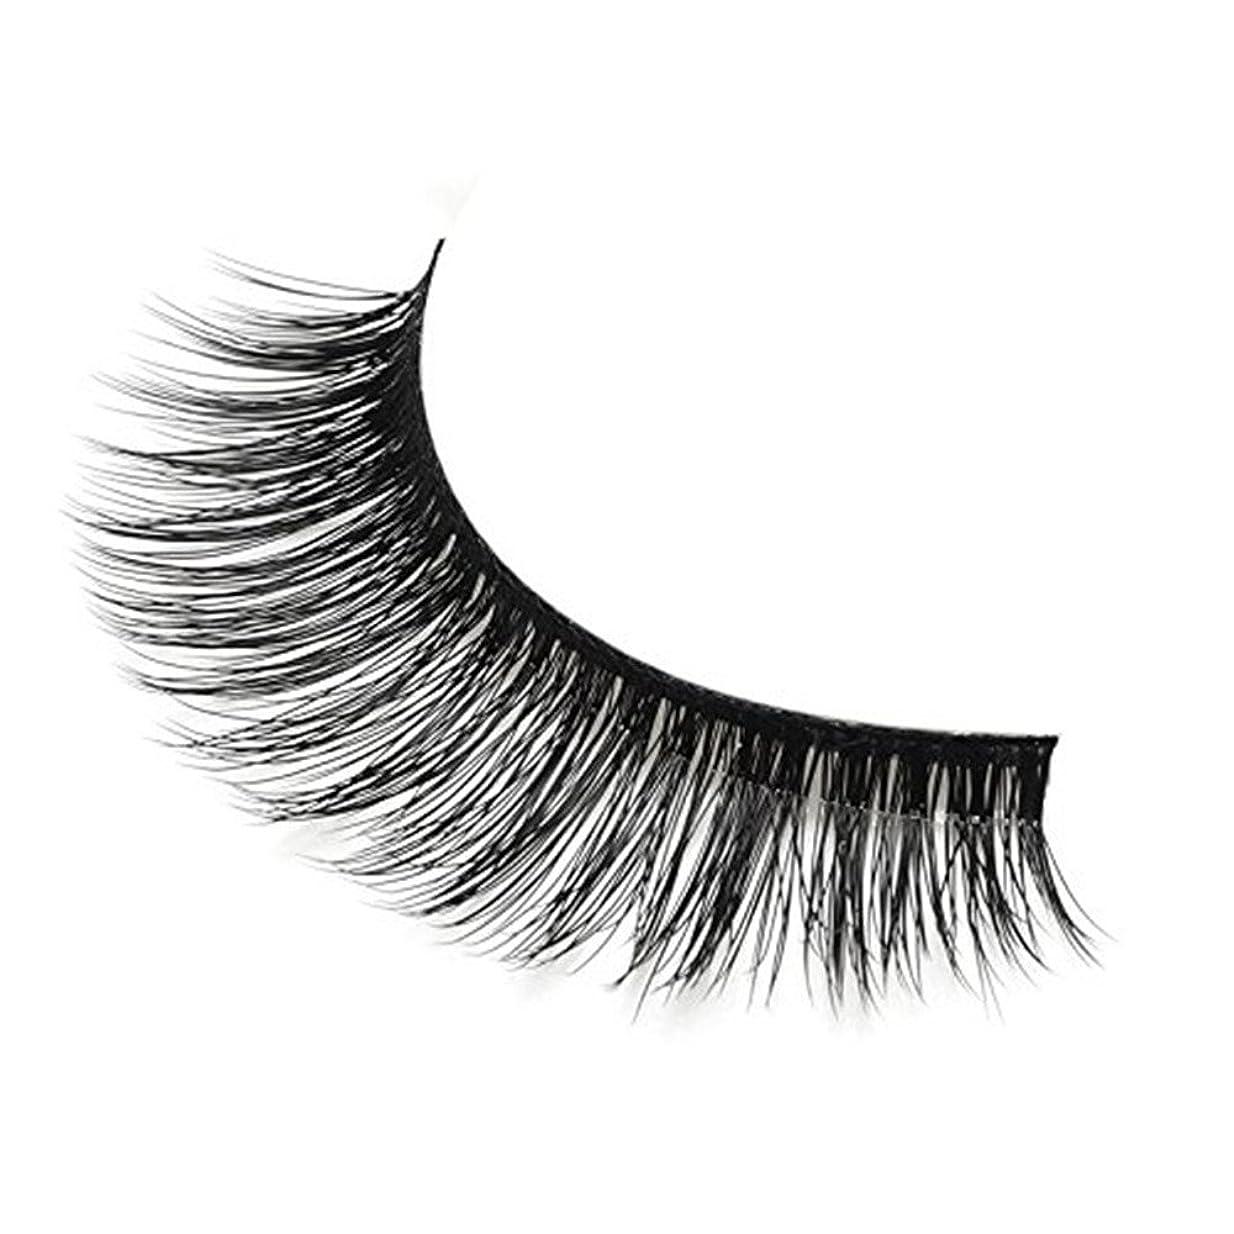 下手工夫するうなる3Dのまつげ水の脇の下はまつ毛の日常の化粧とパーティーメイクのための自然な非刺激性の柔らかい再使用可能な (1 BOX)